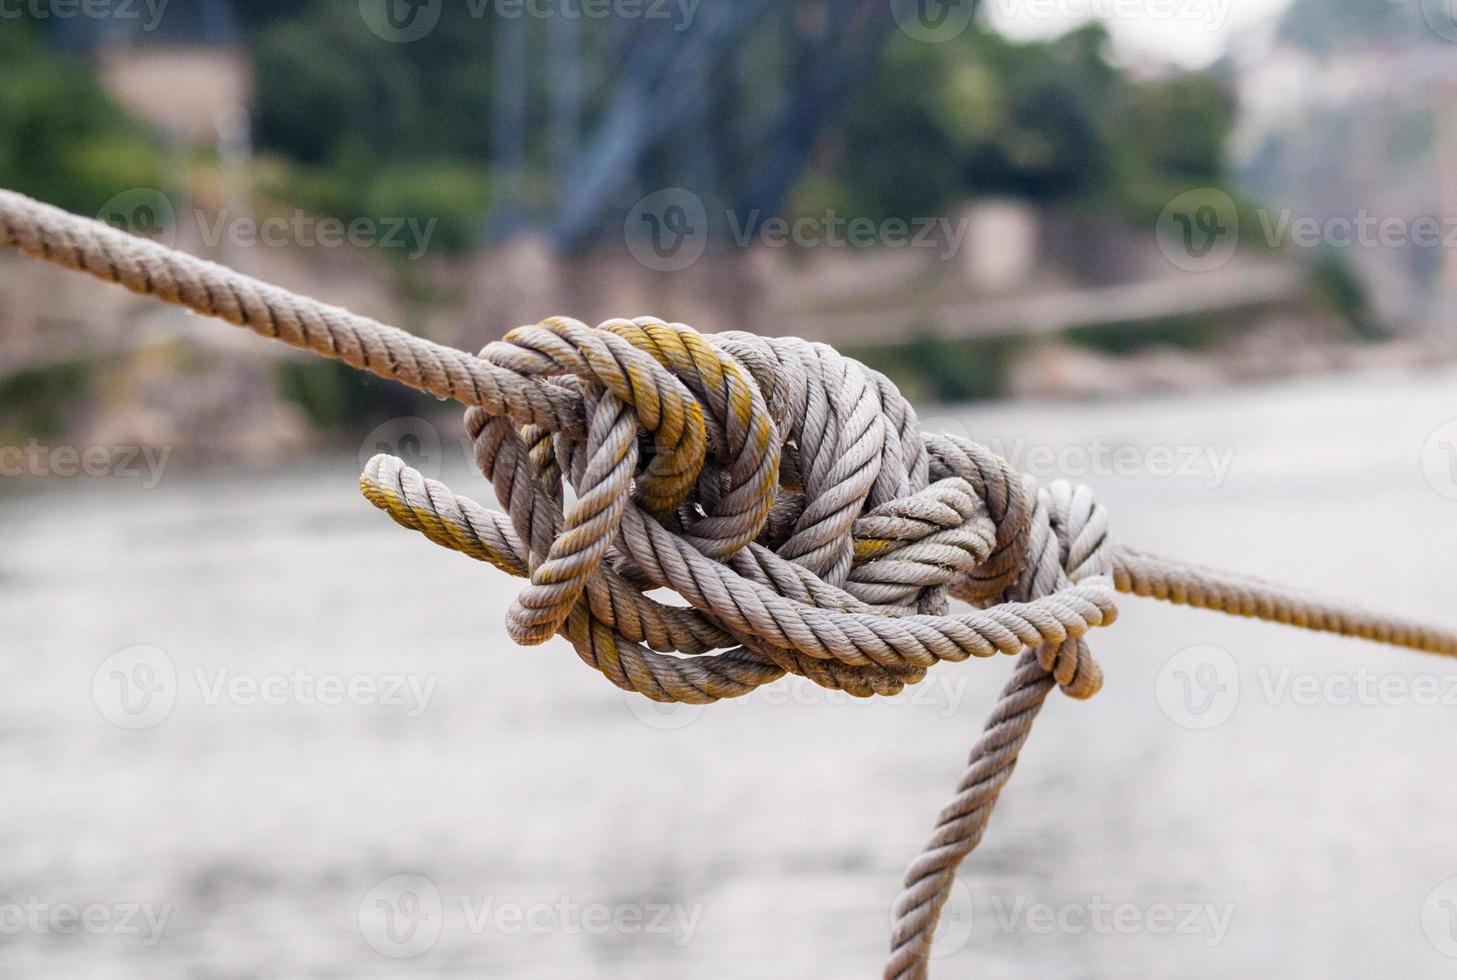 trasslig knut i åtdraget rep foto